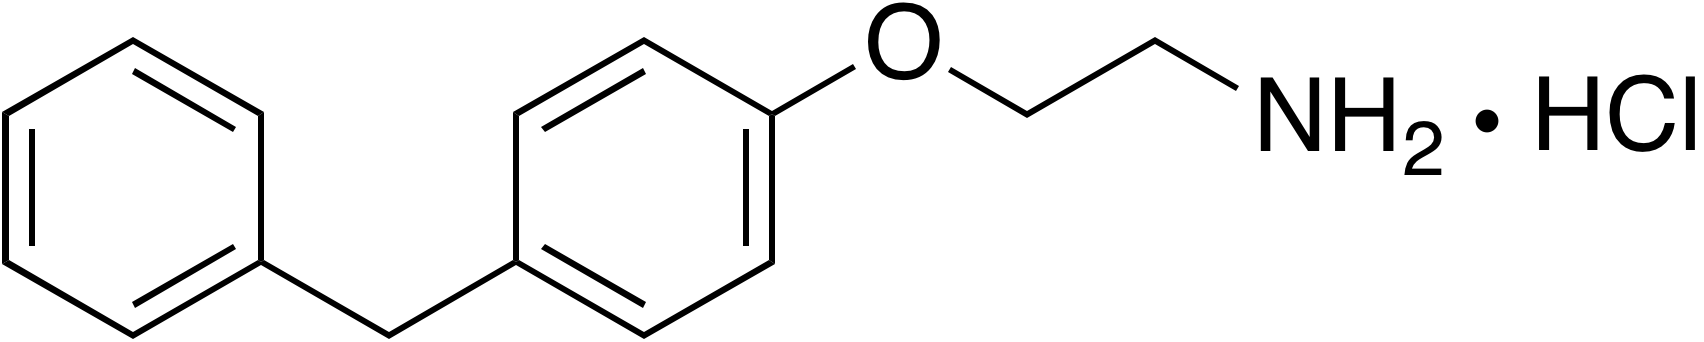 2-(4-Benzylphenoxy)ethanamine hydrochloride